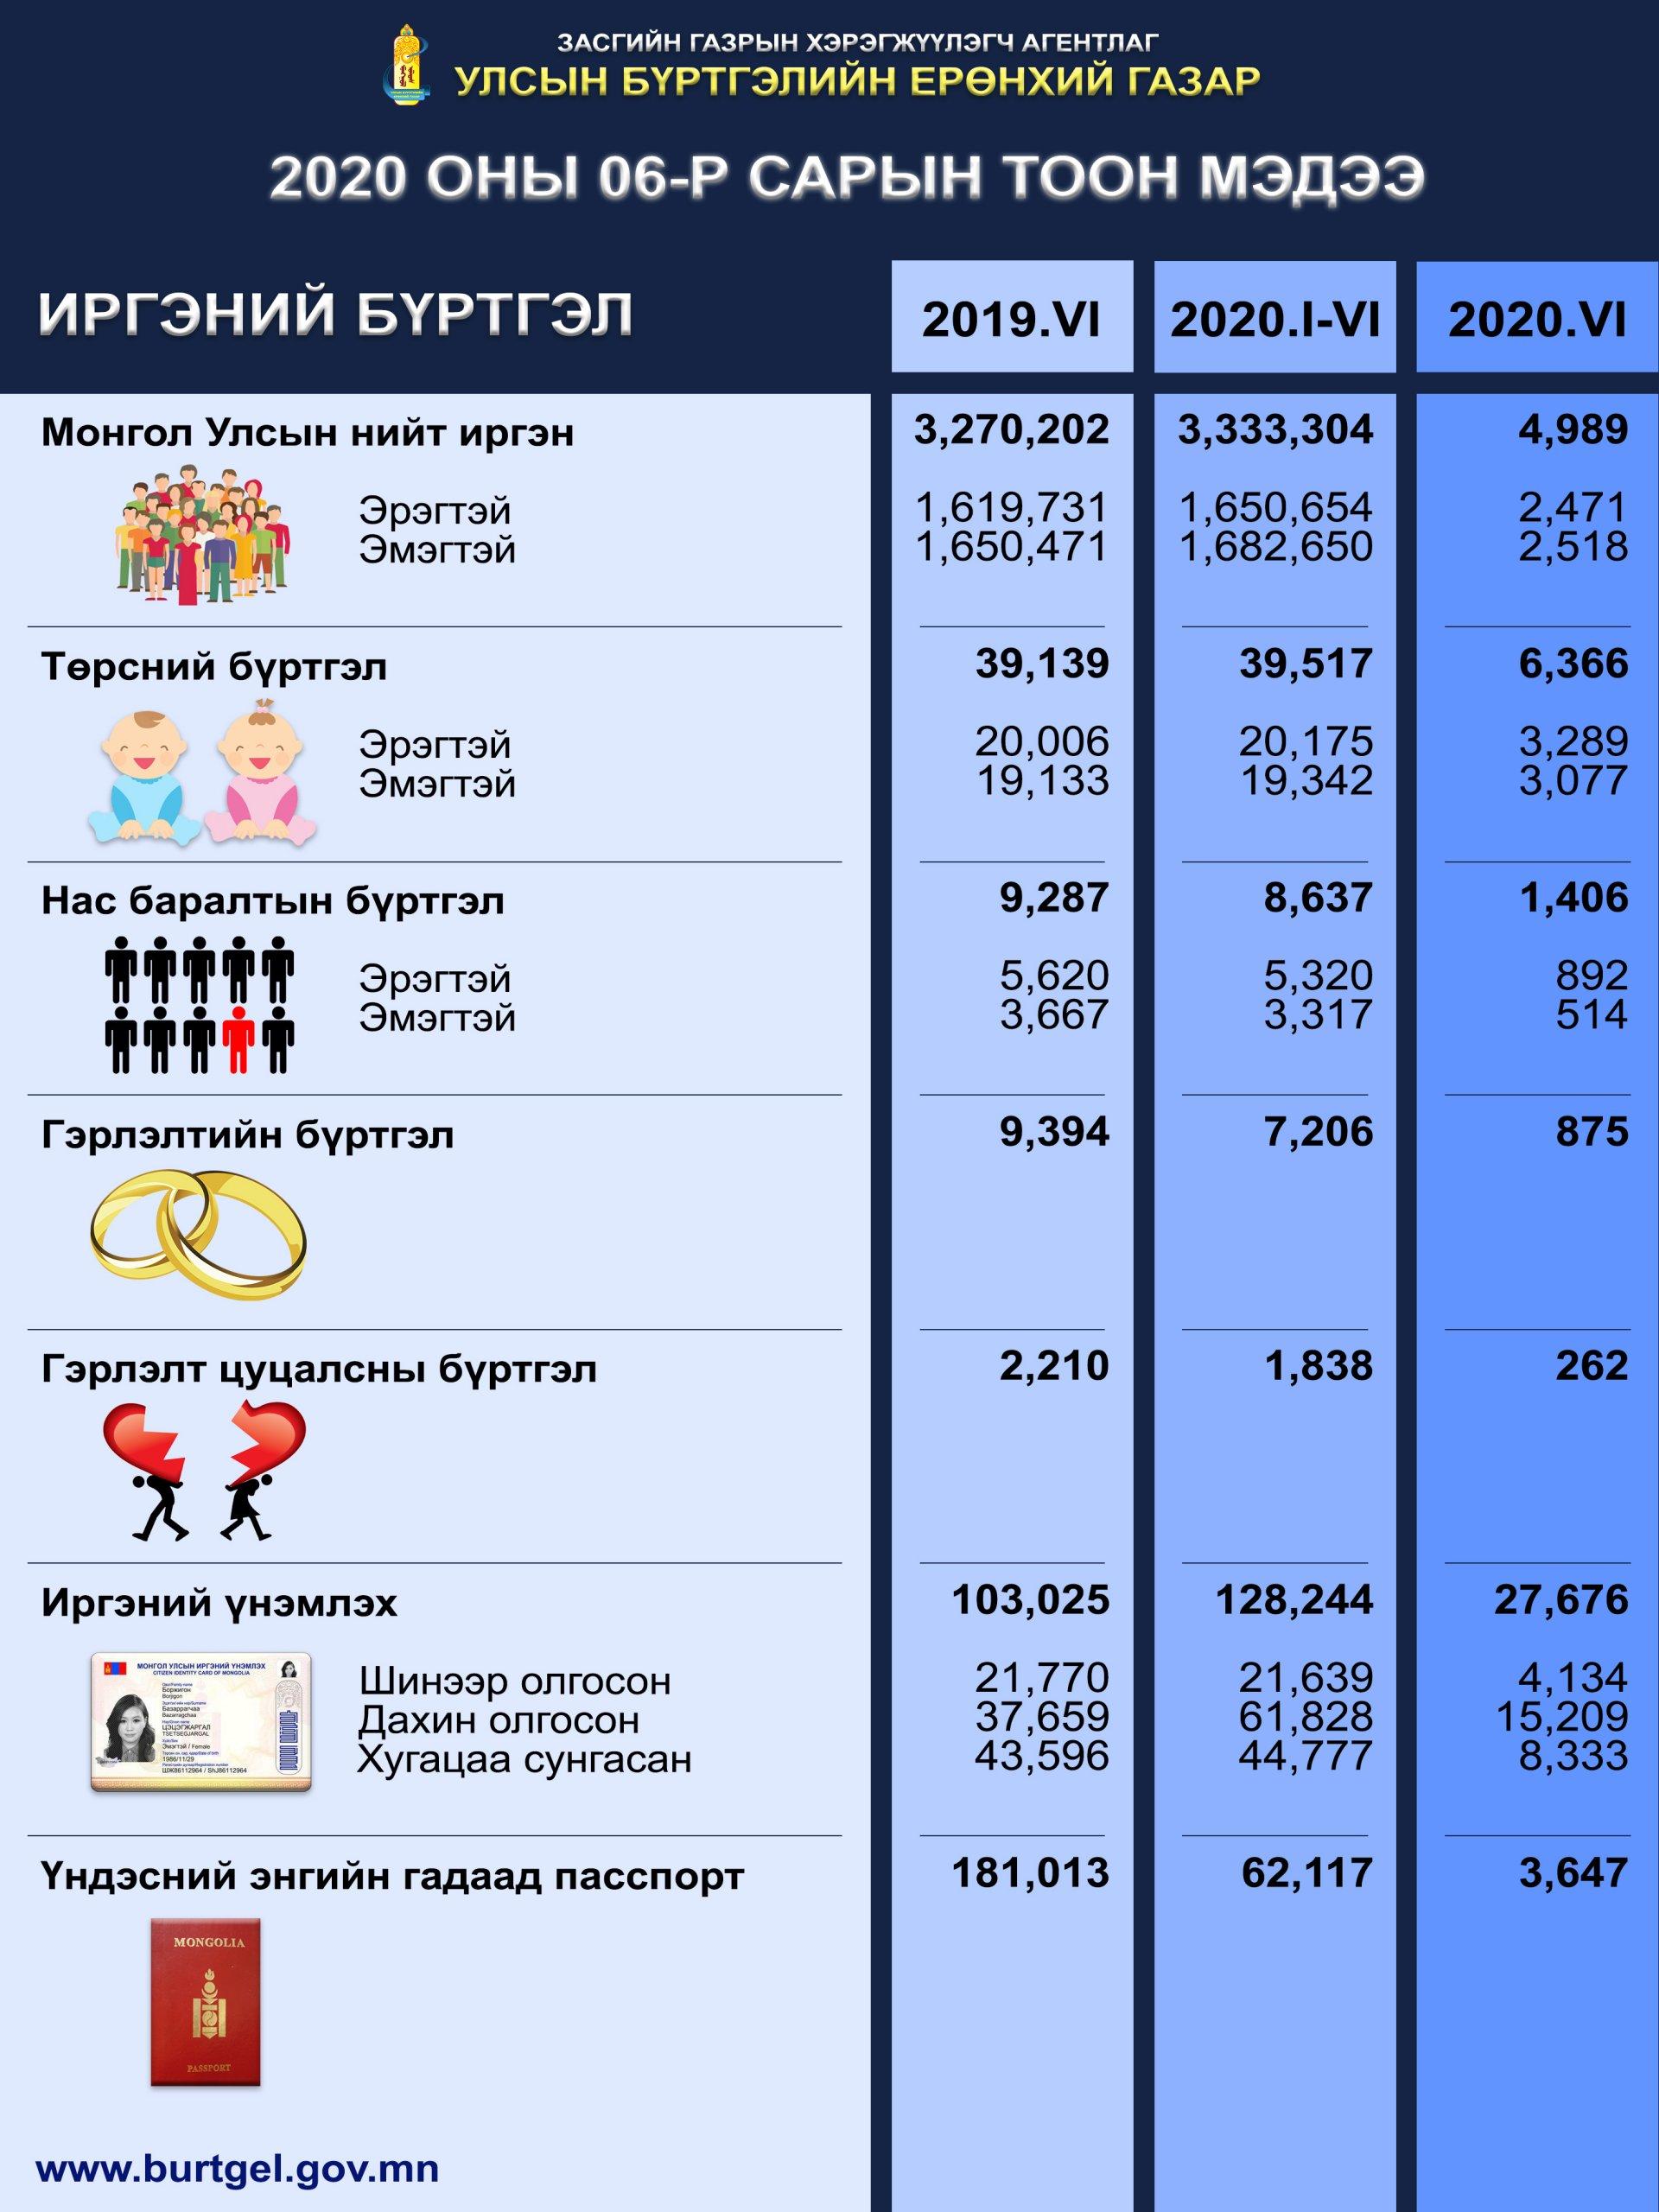 Улсын бүртгэлийн байгууллагын ээлжит 6-р сарын тоон мэдээлэл